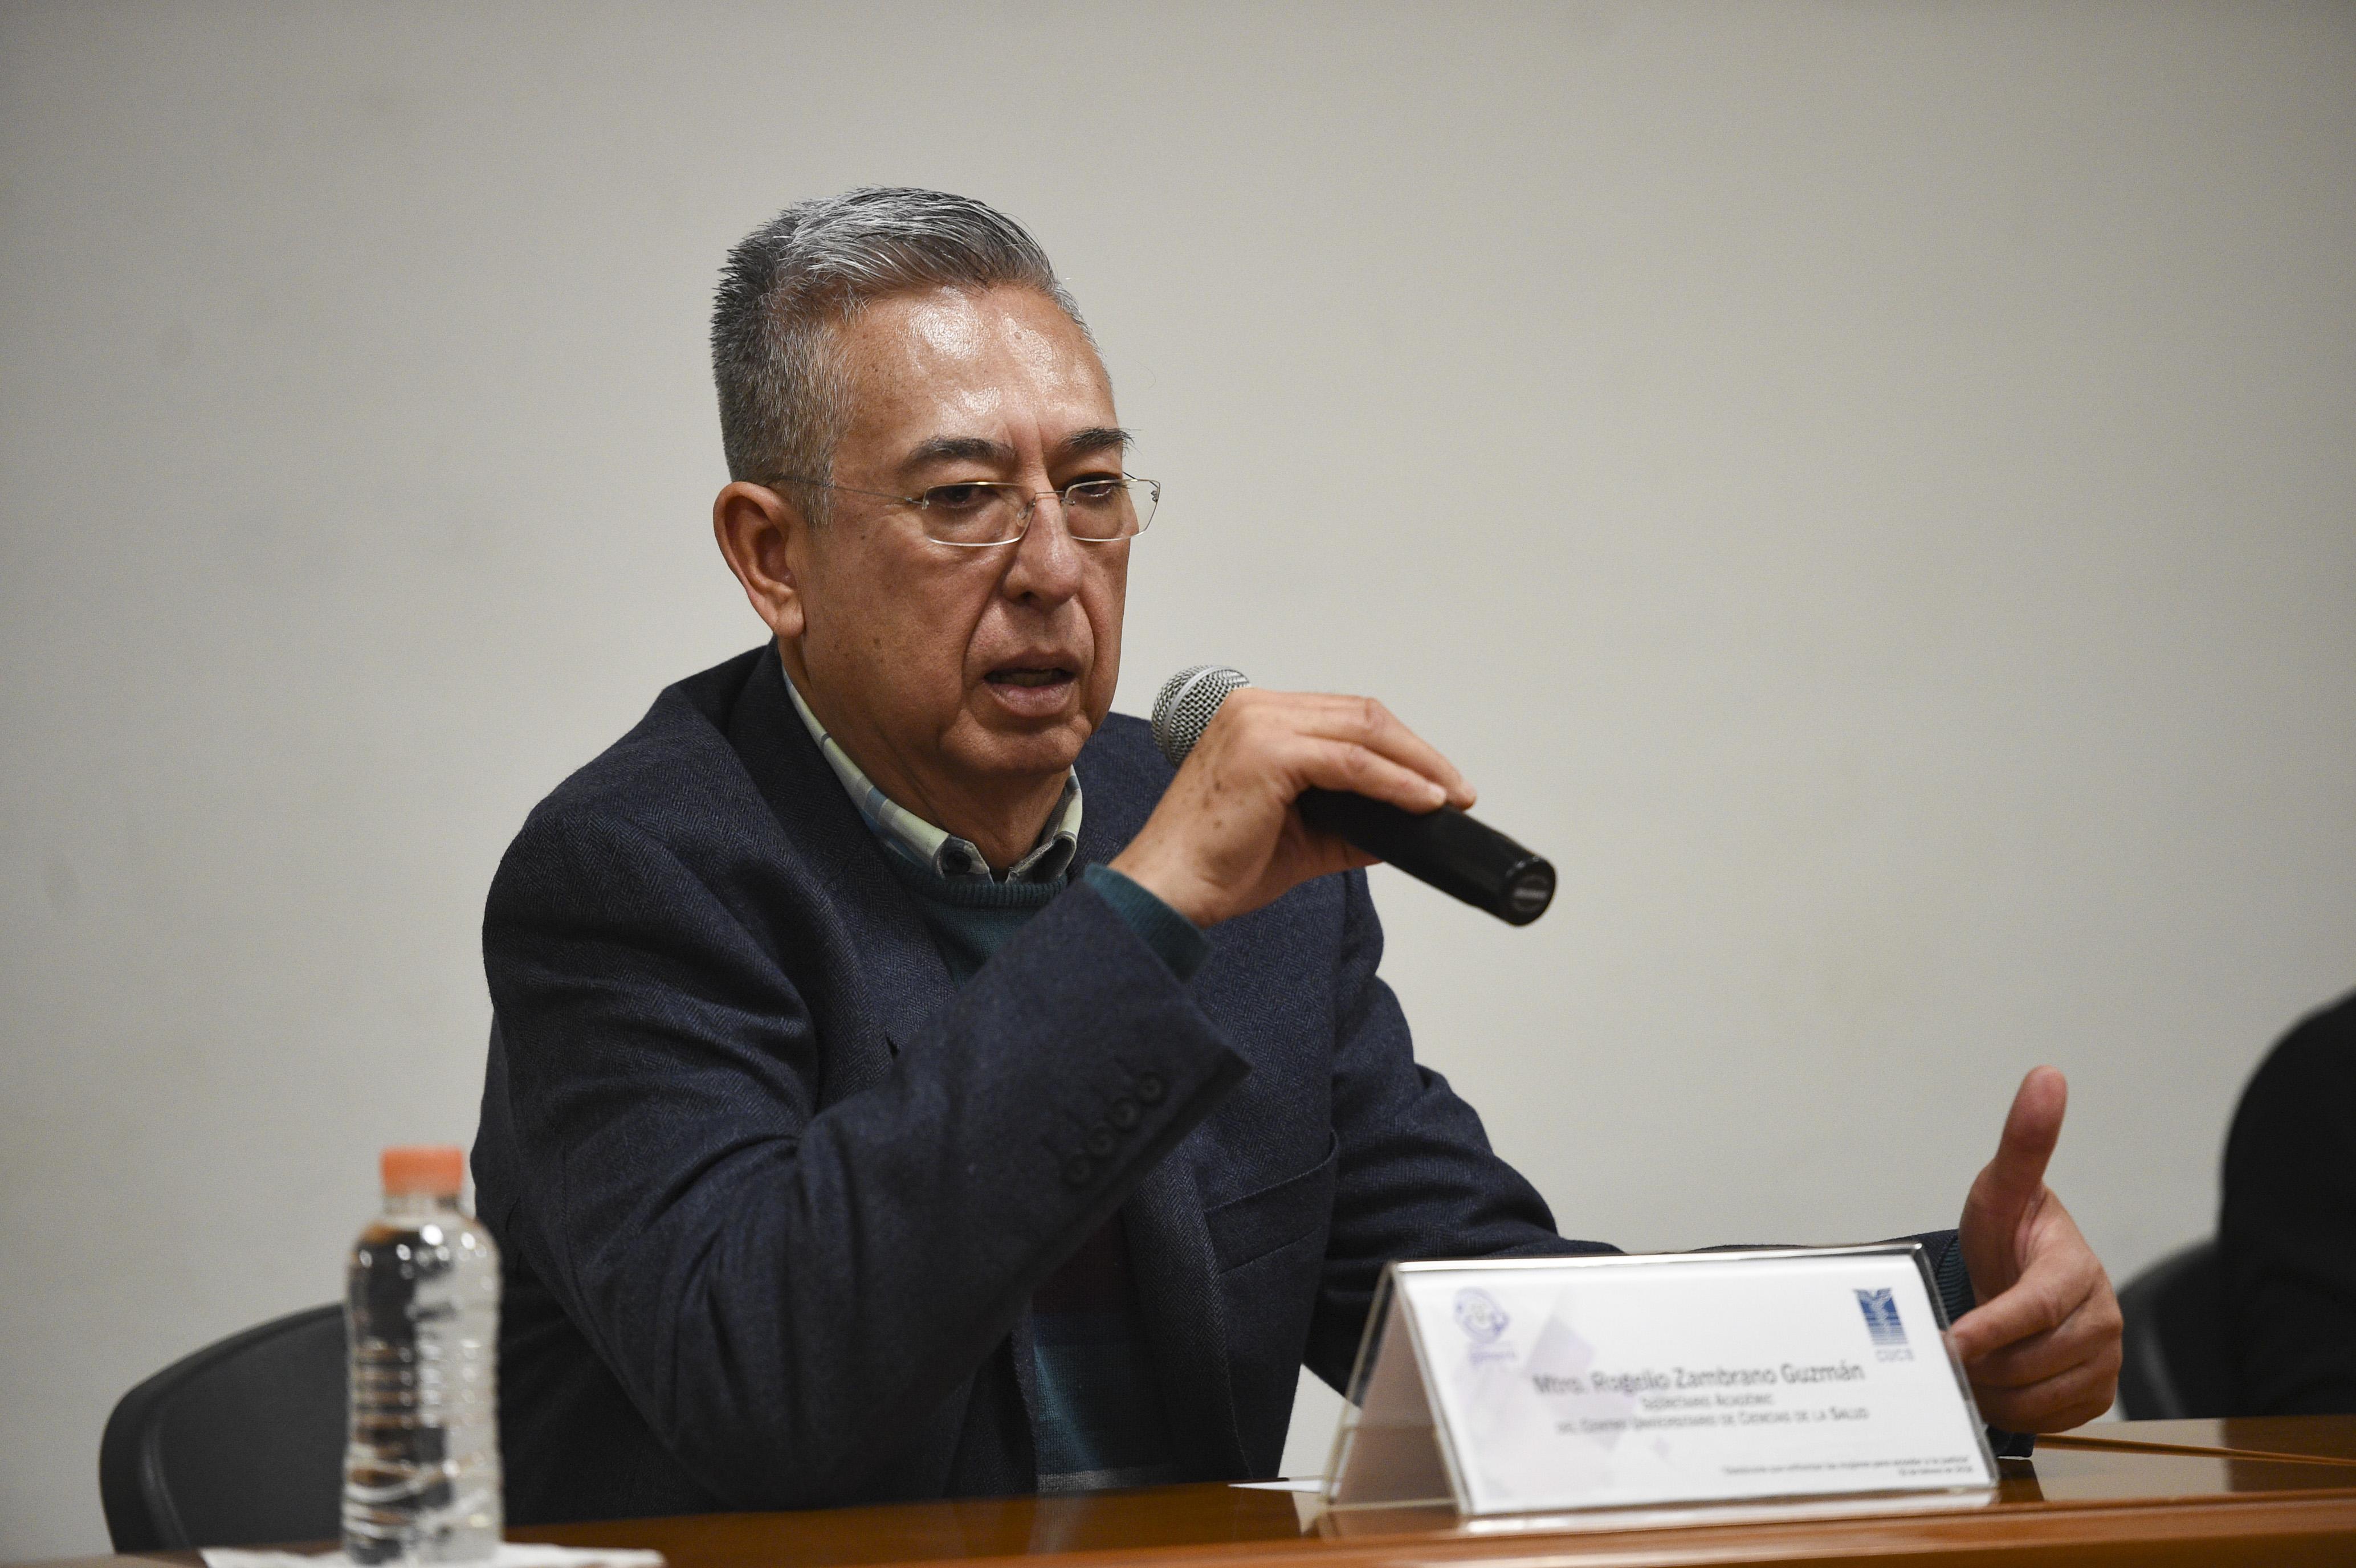 Dr. Rogerlio Zambrano Guzmán, secretario Académico CUCS, dando la bienvenida a la conferencia